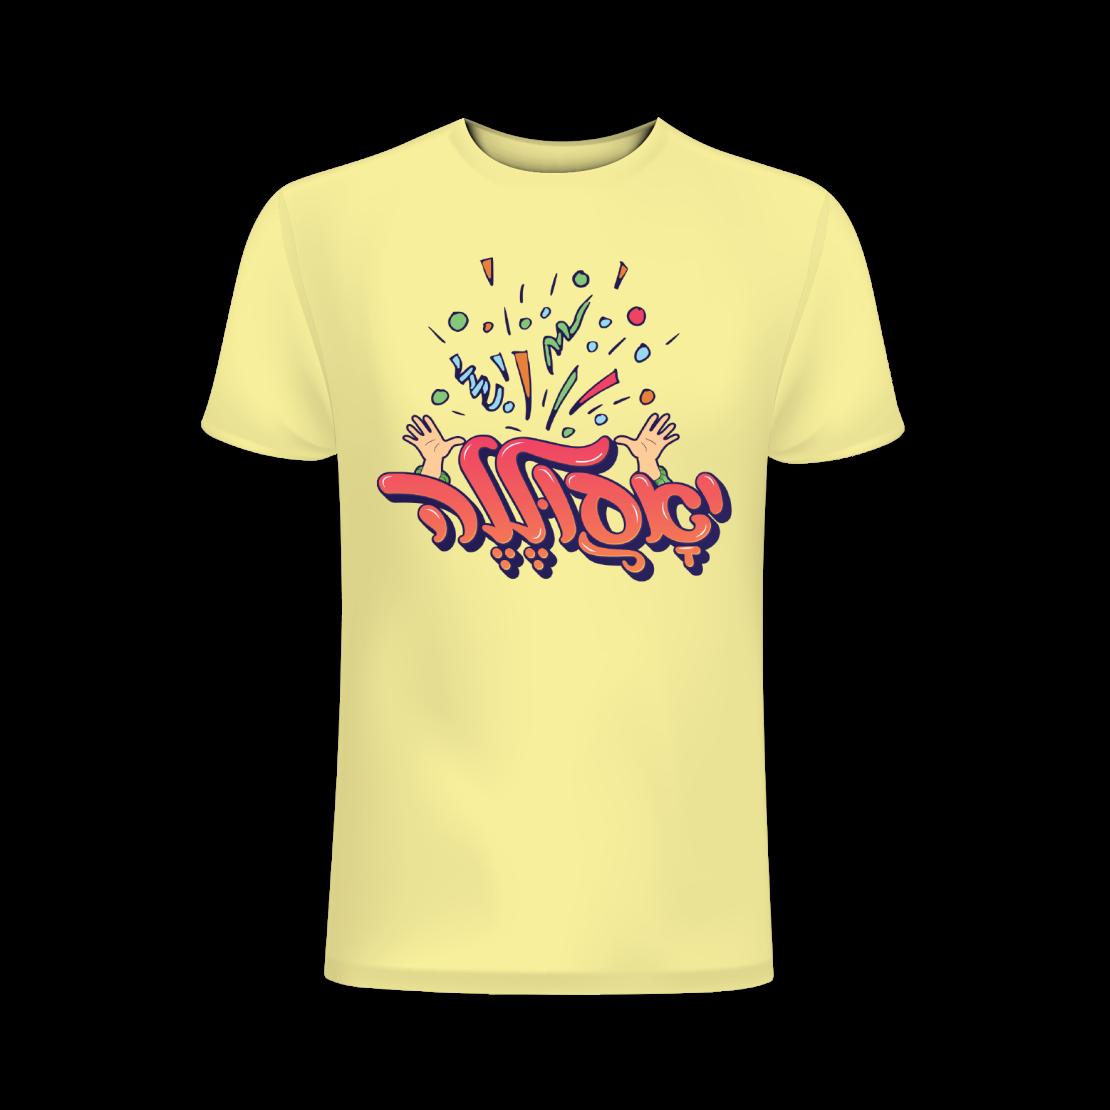 חולצה צהובה - יאסוללה